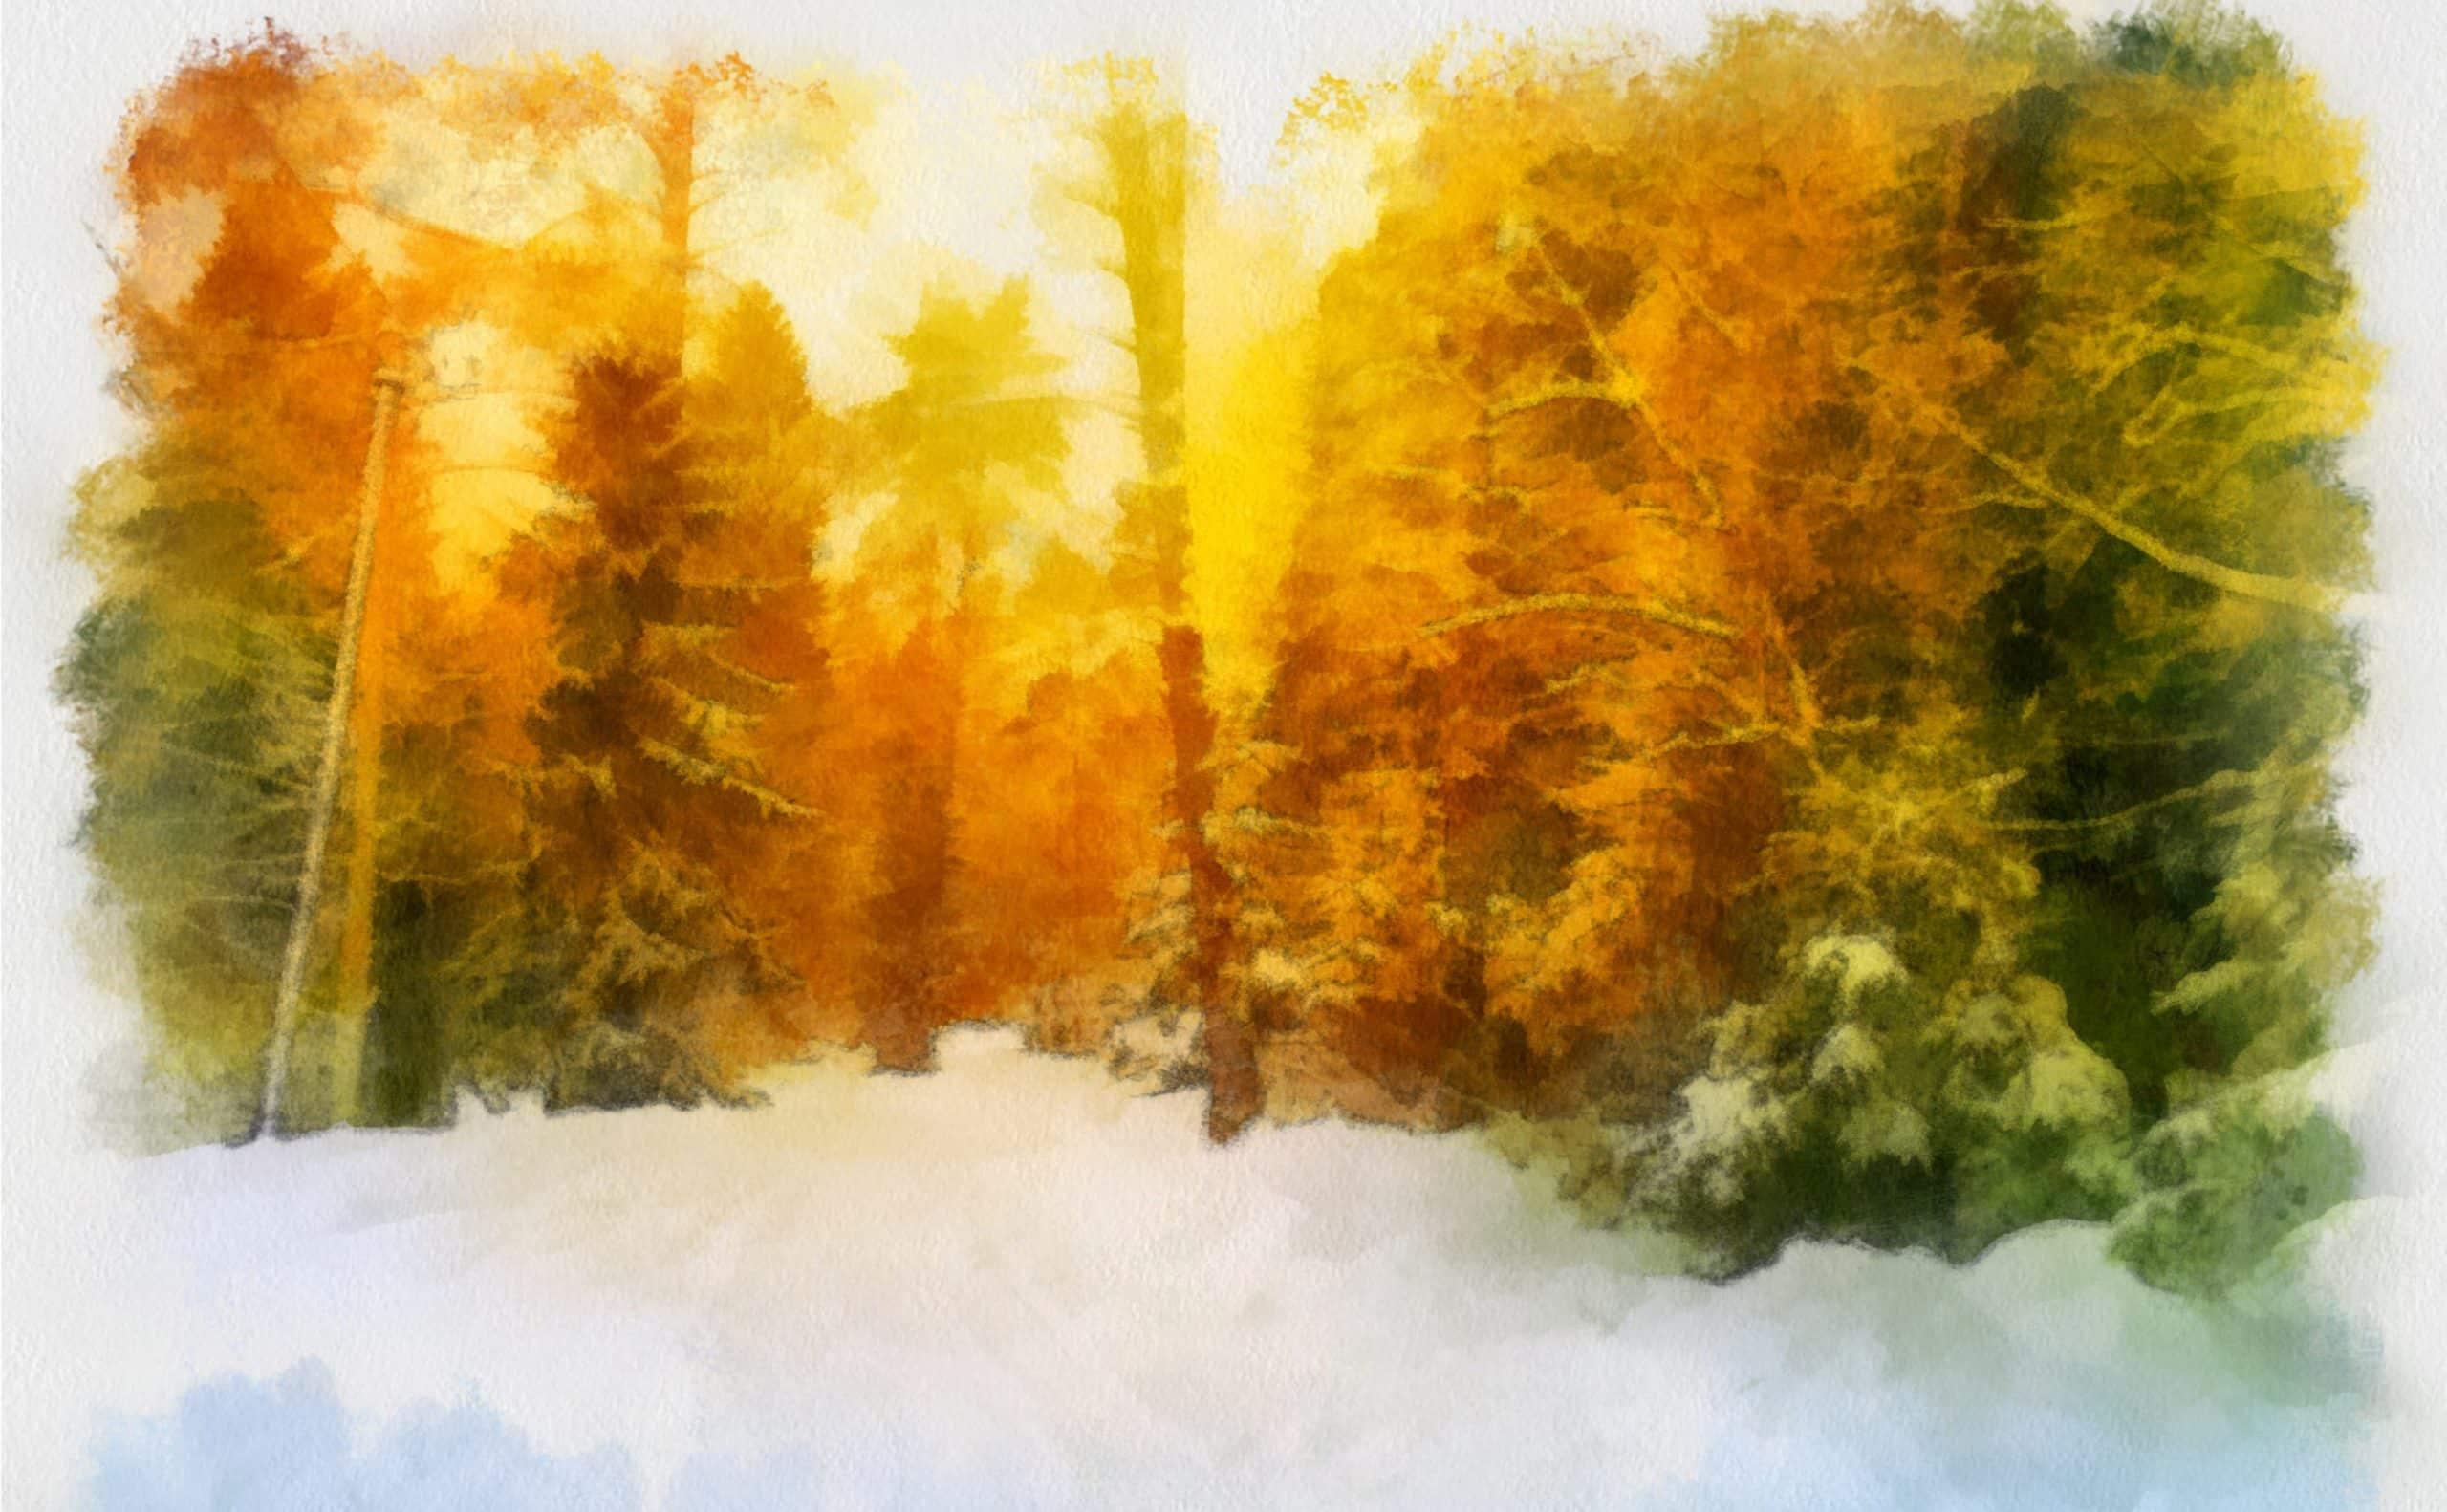 Bäume leuchtend